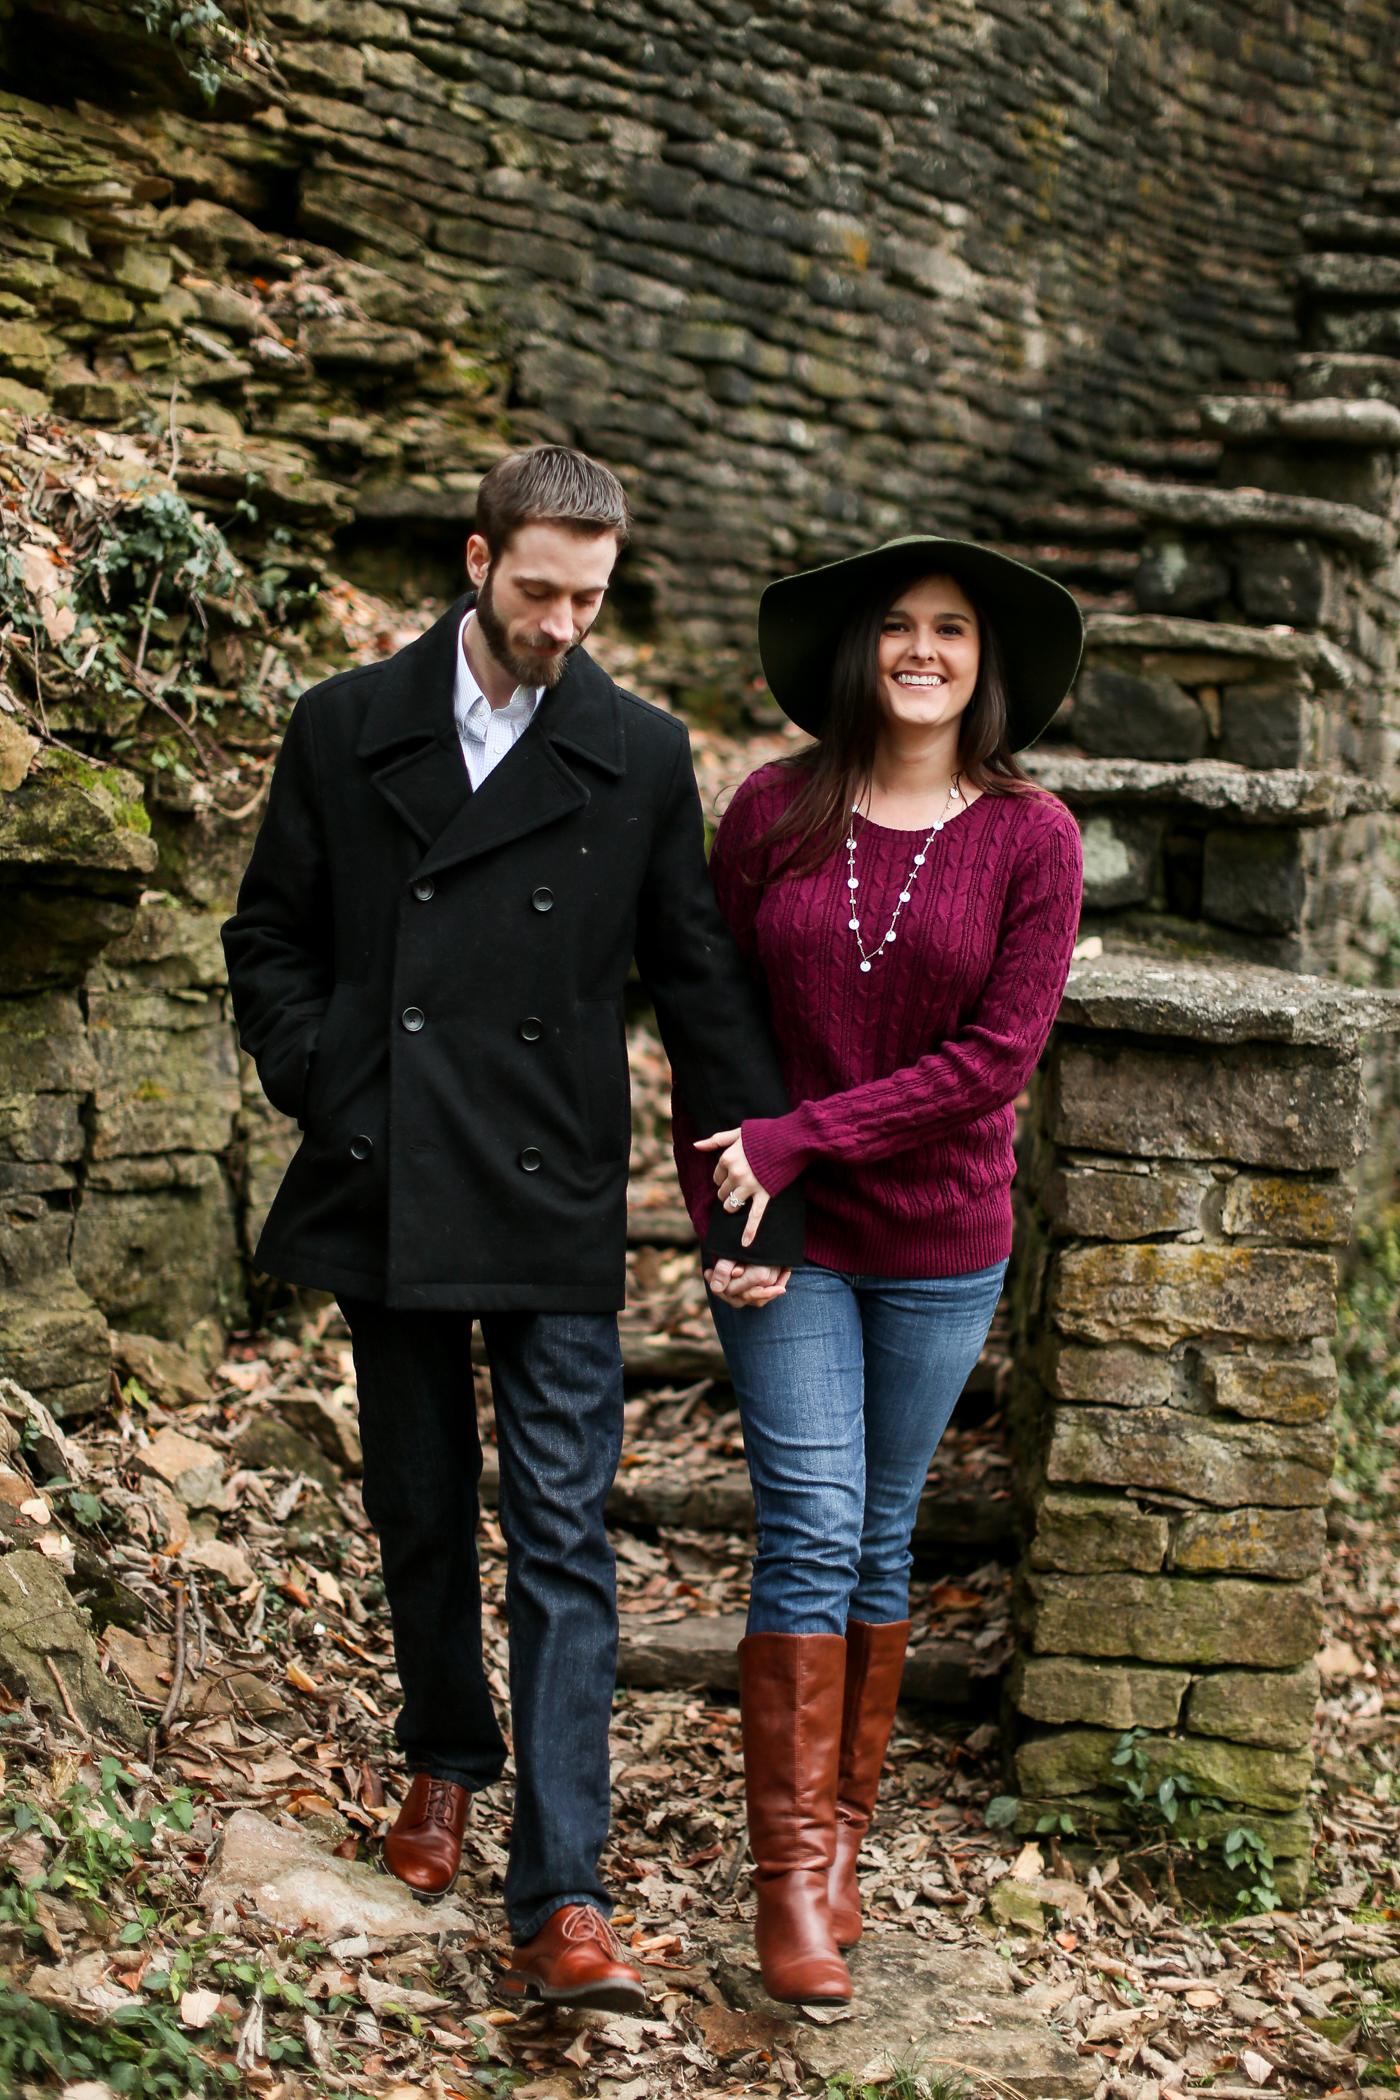 Fall-engagement-wedding-photographer-Kentucky-Bourbon-66.jpg